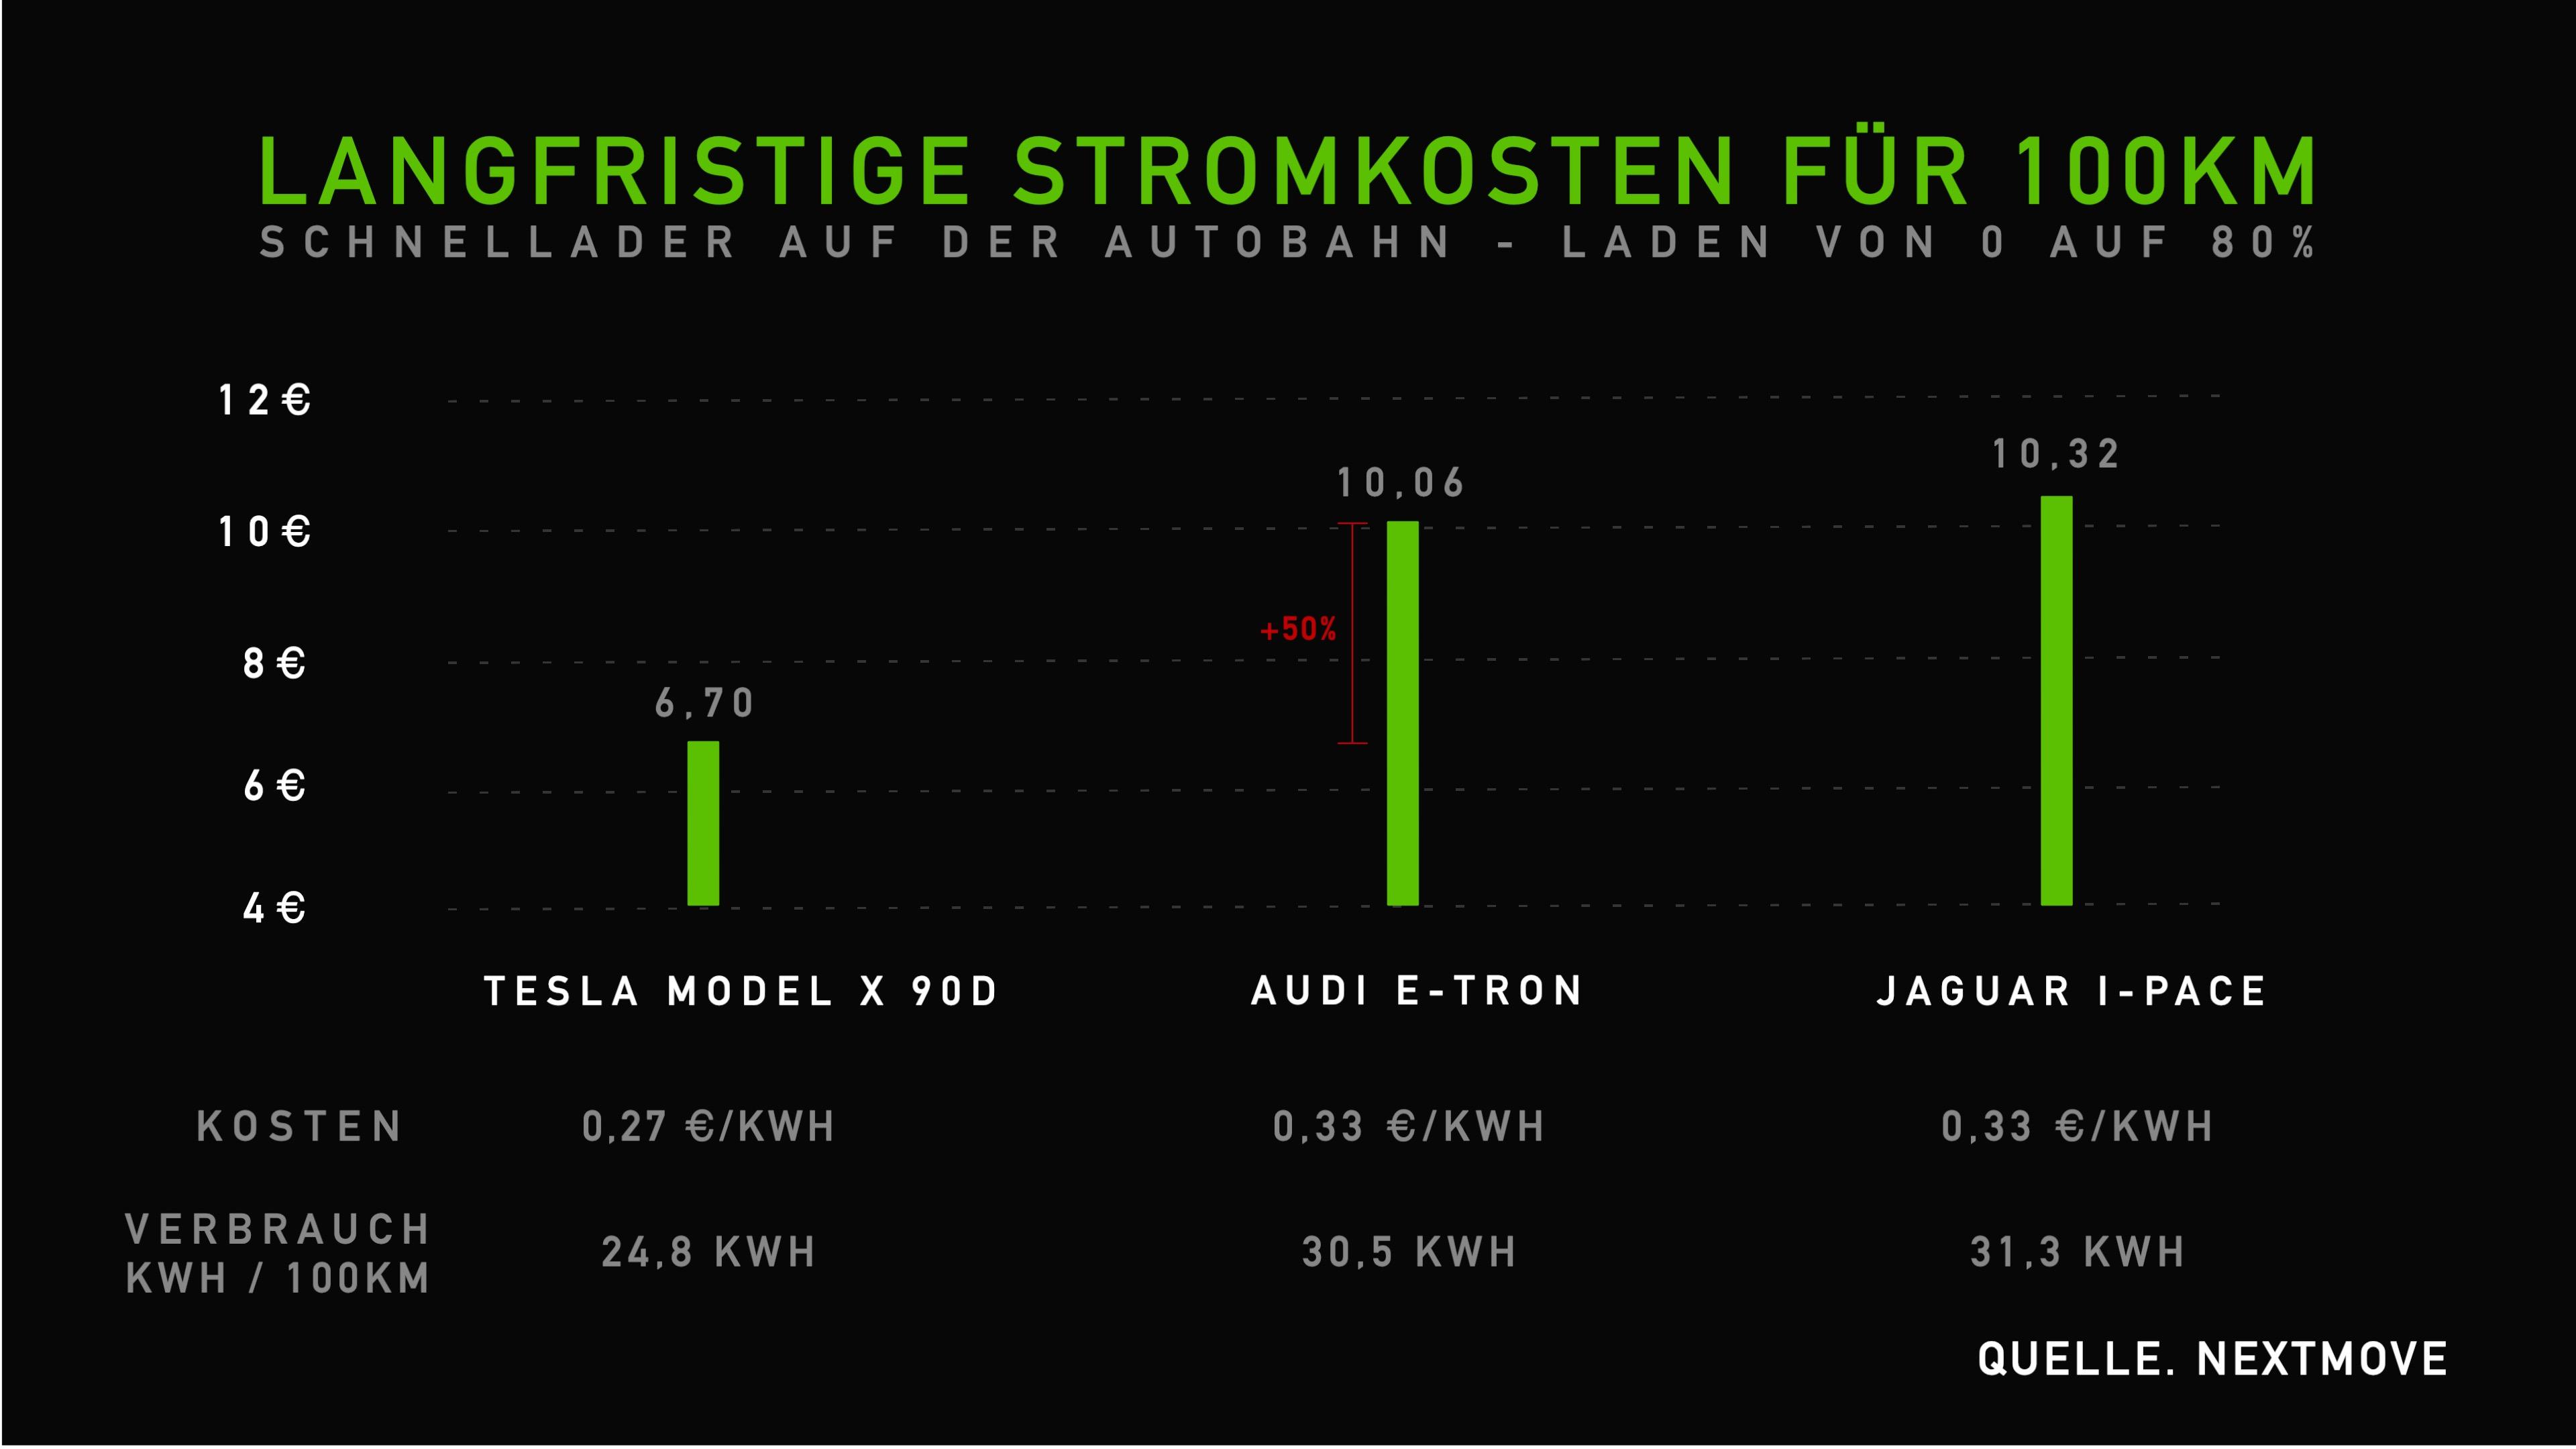 Langfristige Stromkosten 100 km - Model X, e-tron, Jaguar I-Pace